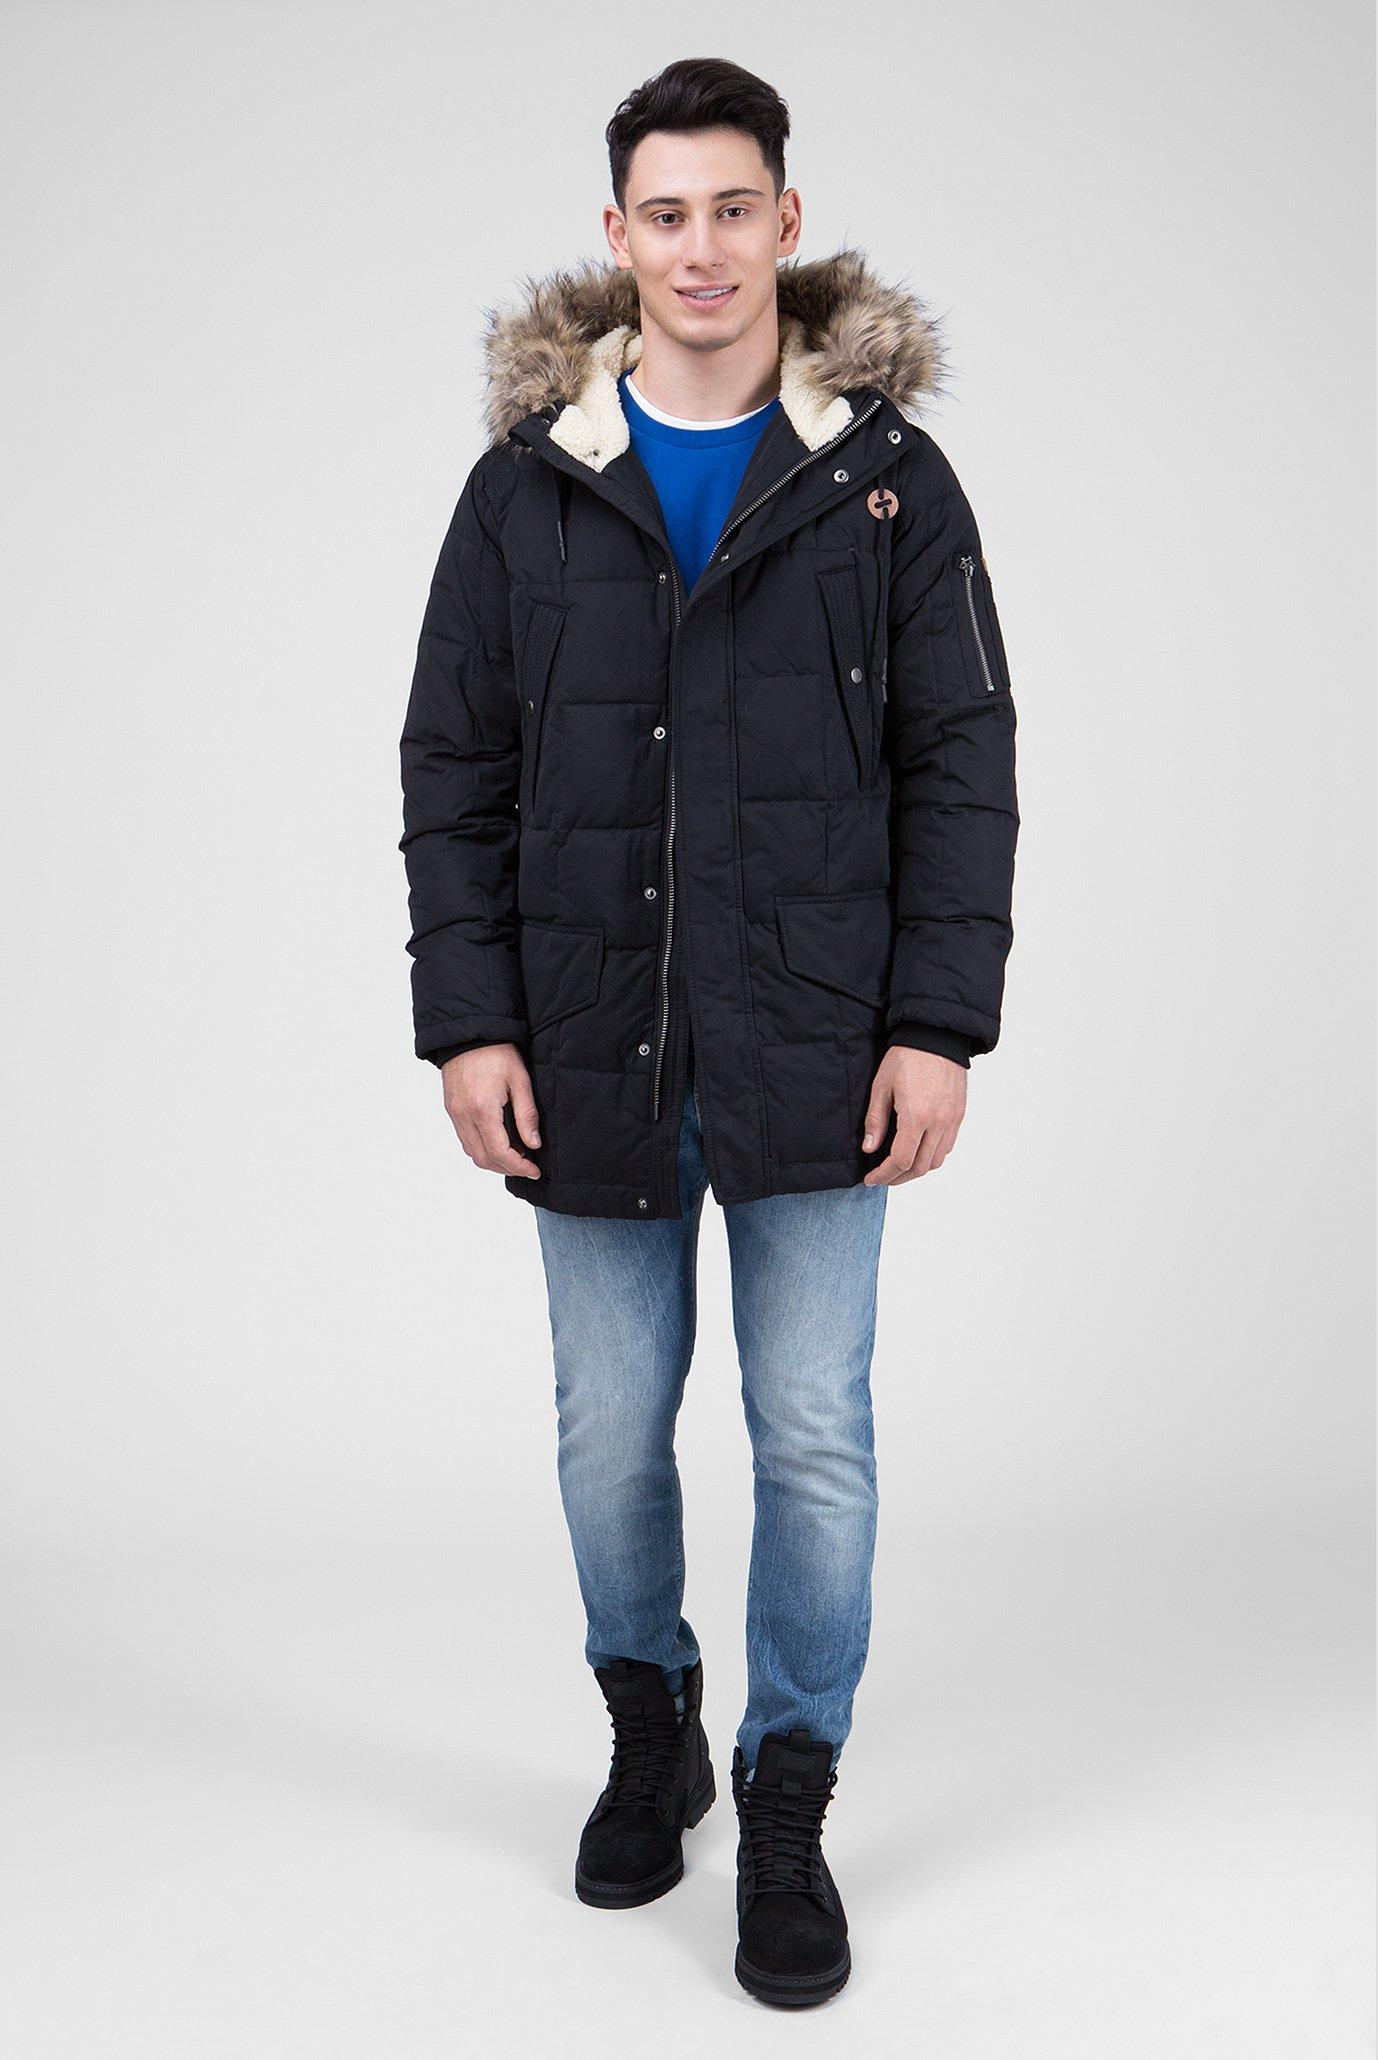 Купить Мужская черная пуховая парка WOODLANDS Pepe Jeans Pepe Jeans PM401932 – Киев, Украина. Цены в интернет магазине MD Fashion